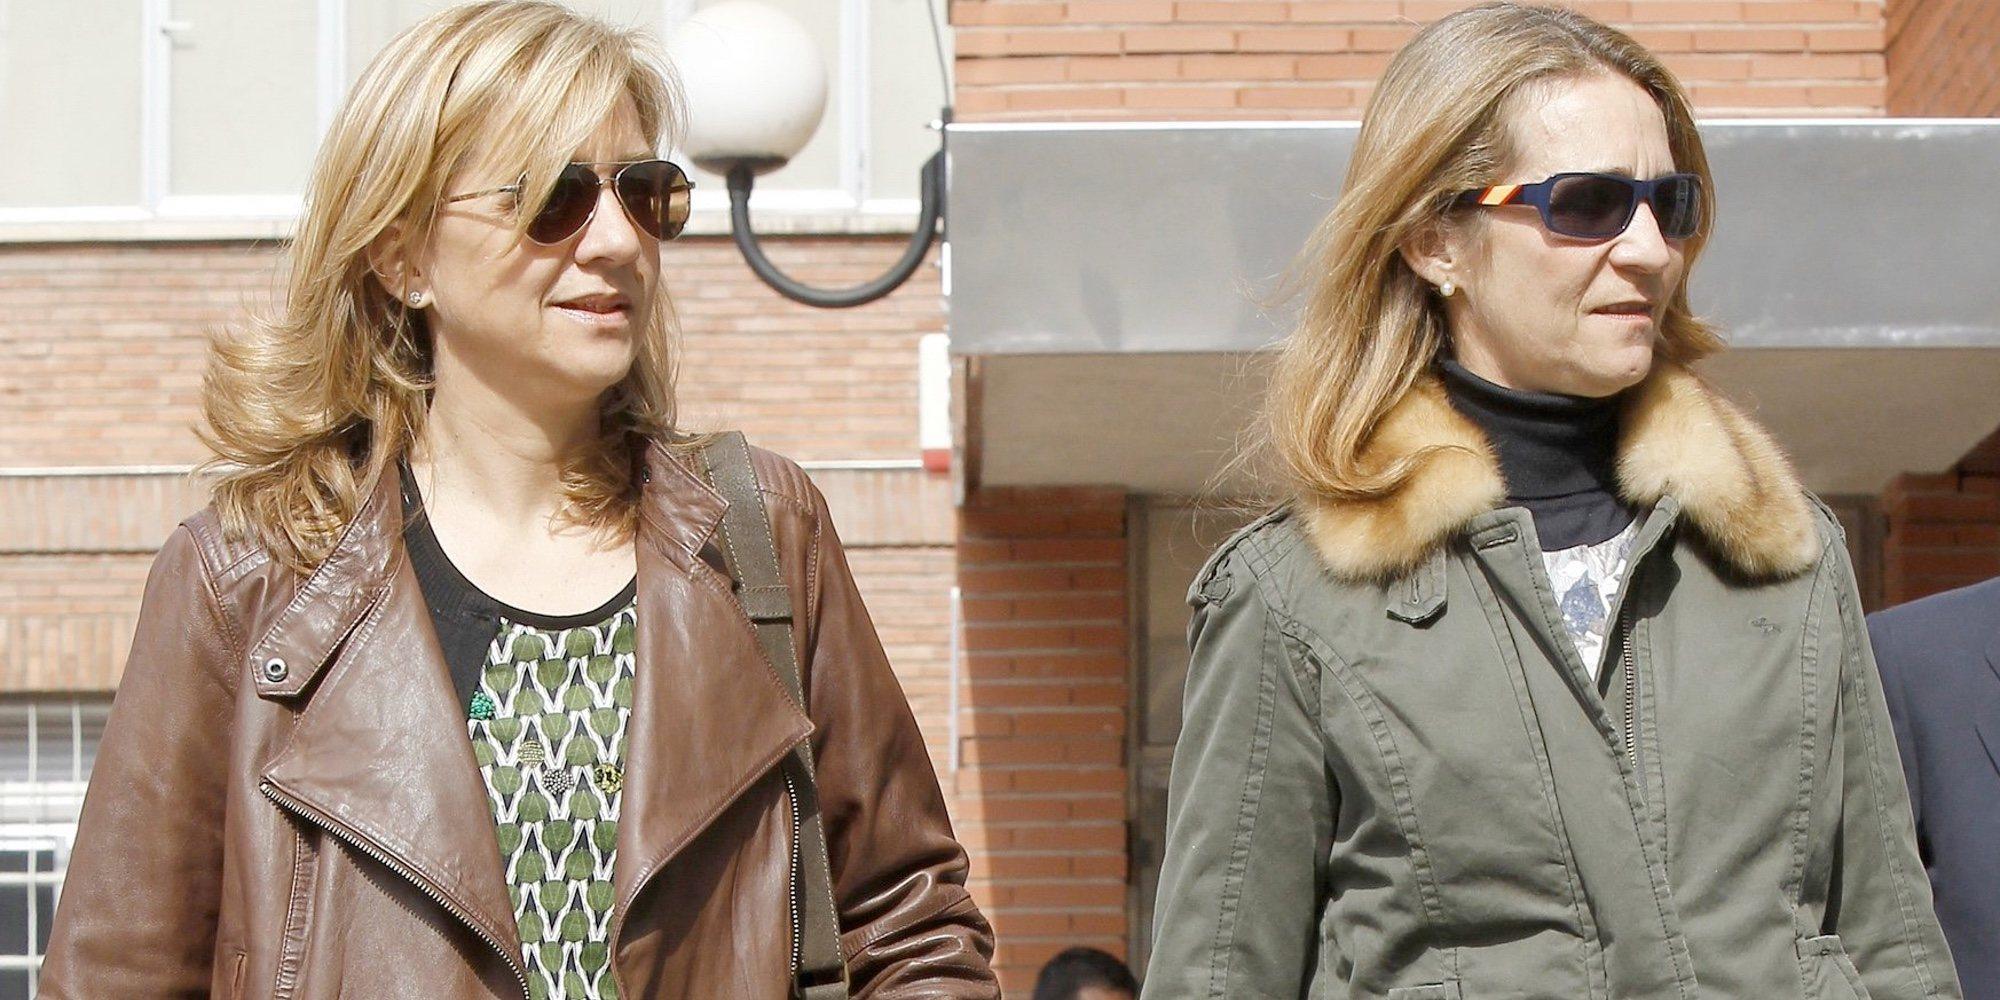 Las Infantas Elena y Cristina: la vacuna que se pusieron y el efecto adverso que sufrió el Rey Juan Carlos